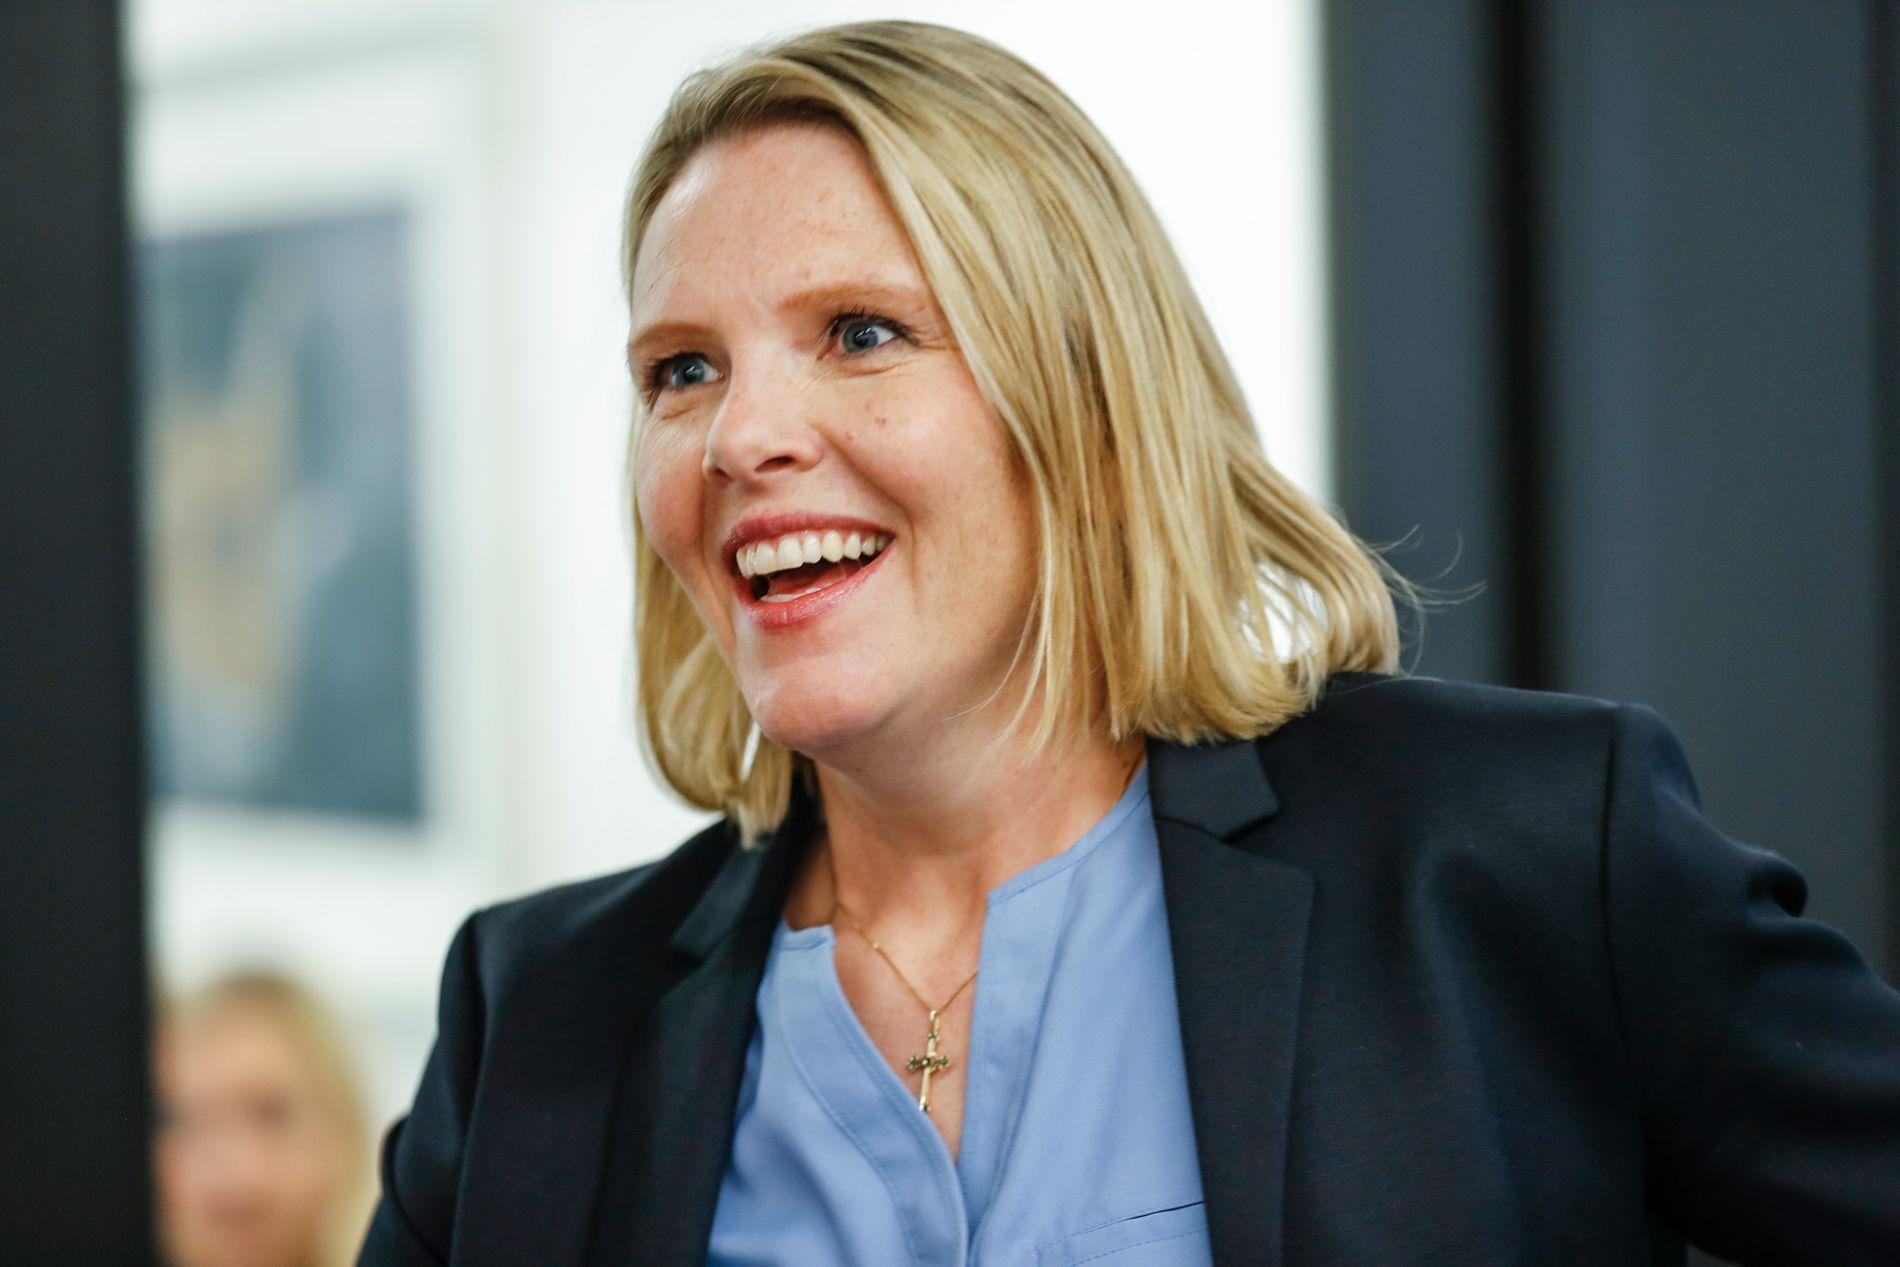 BLE OVERKJØRT: Innvandrings- og integreringsminister Sylvi Listhaug (Frp) må liberalisere asylpolitikken.